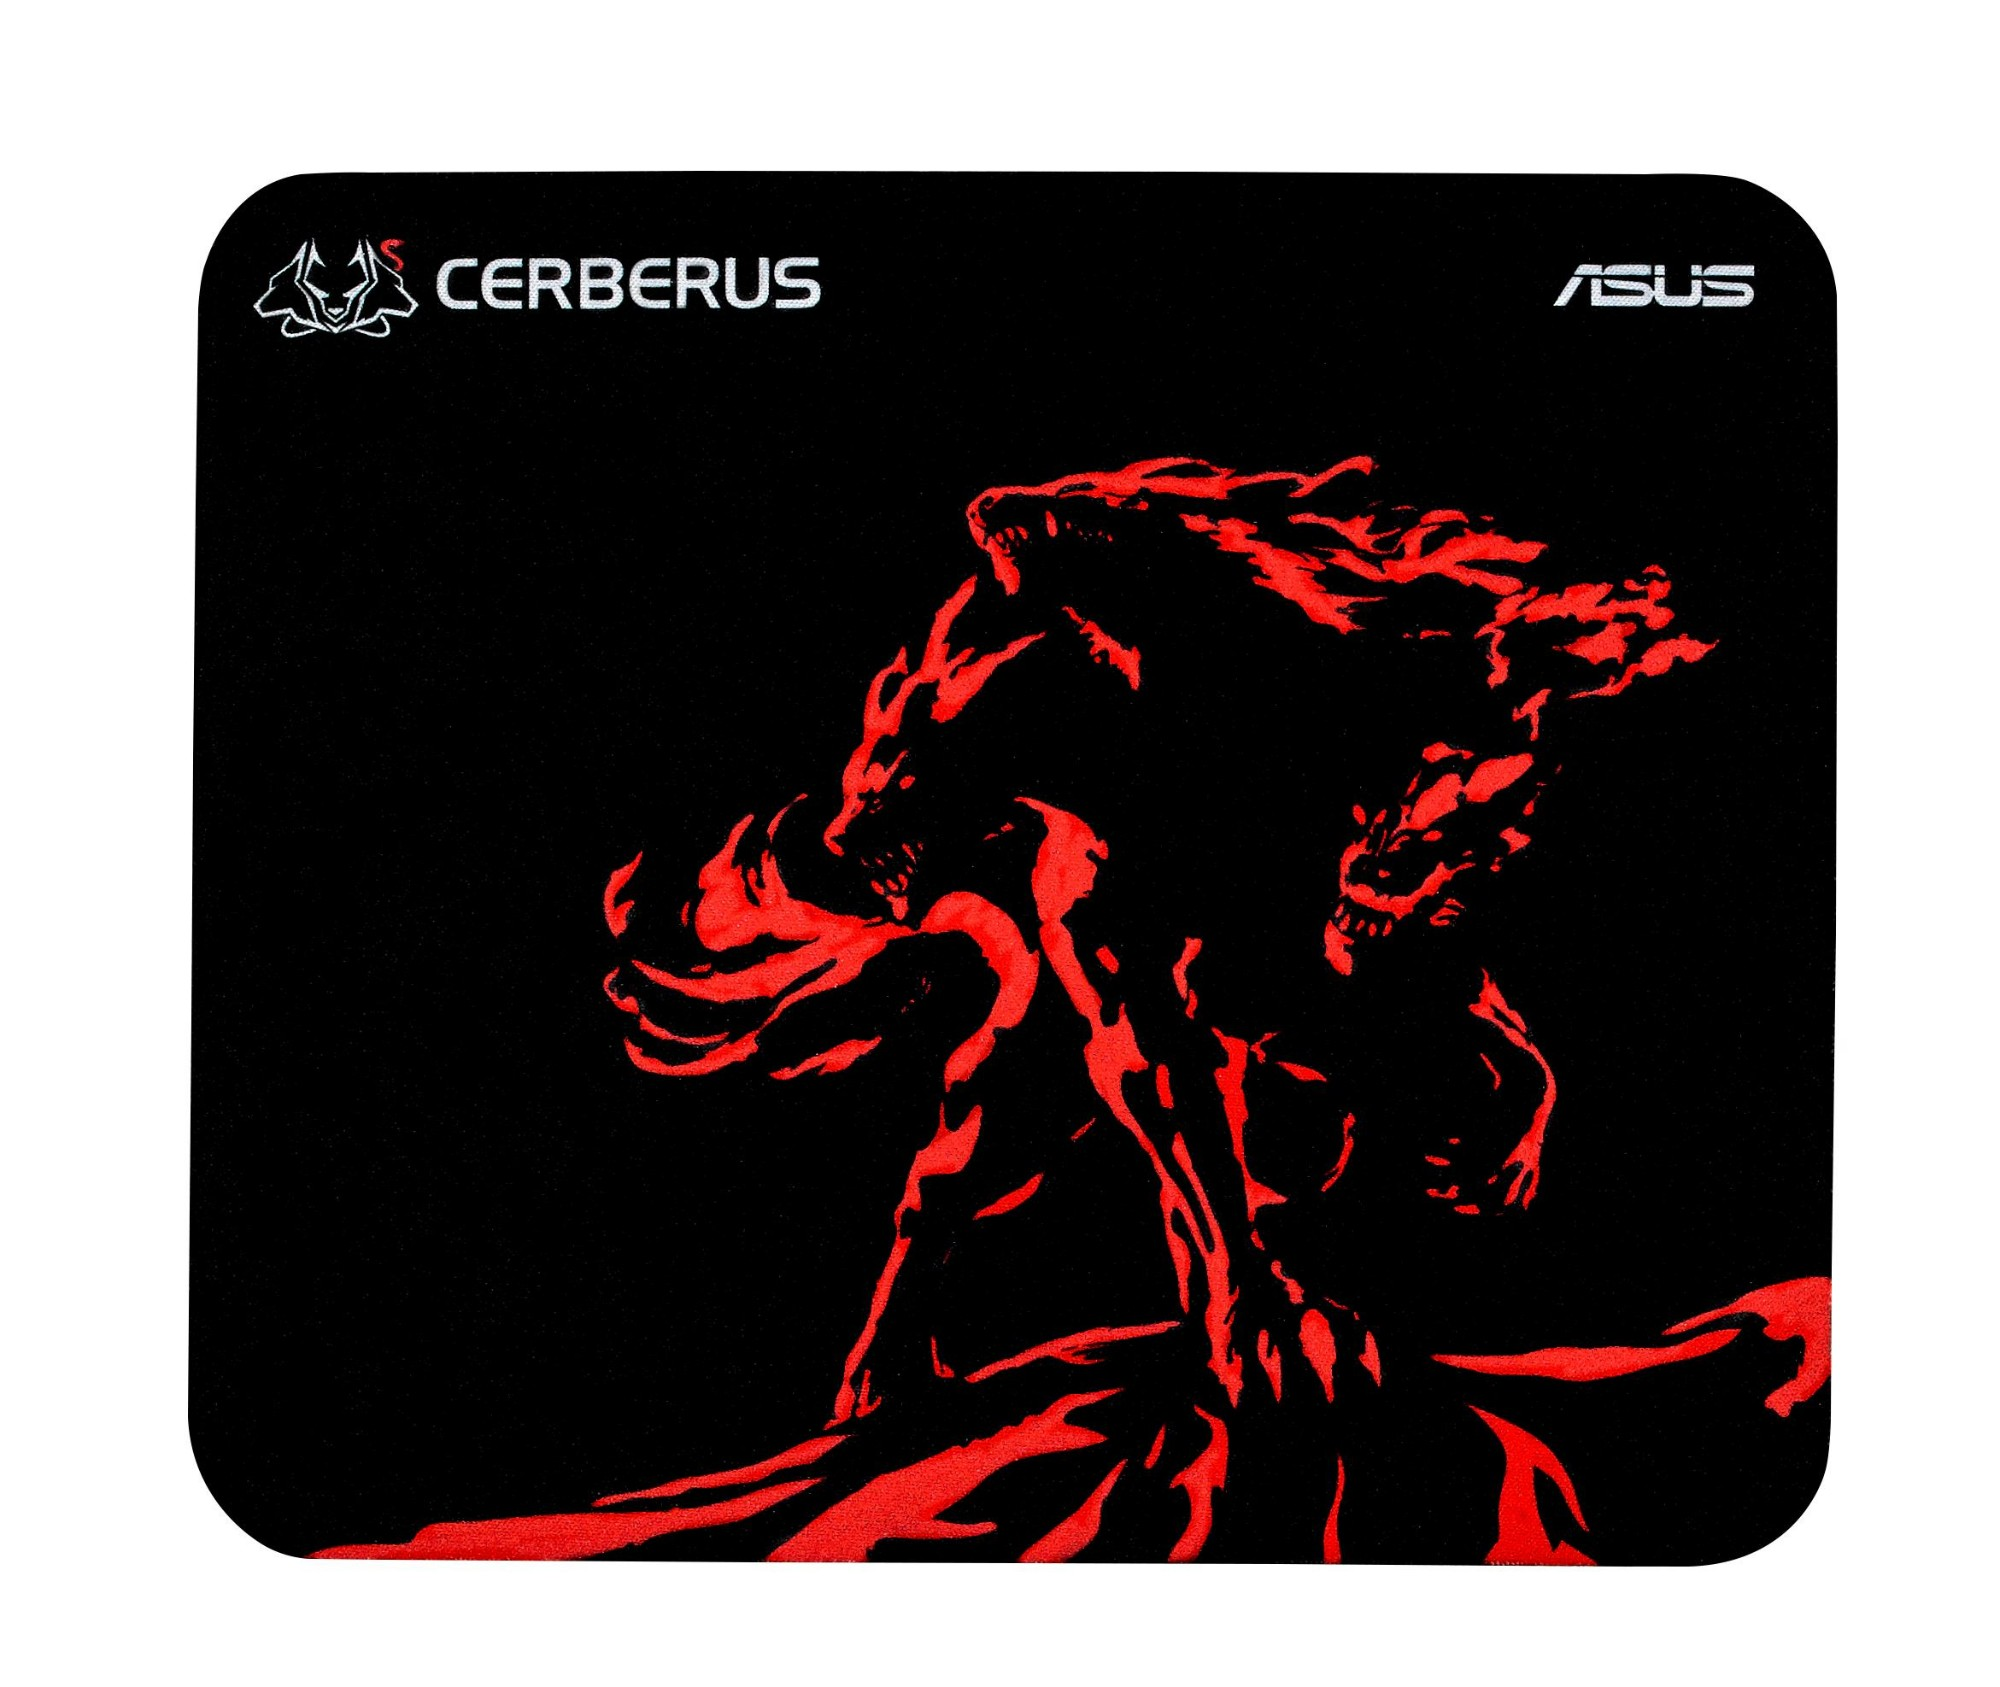 ASUS Cerberus Mat Mini Black, Red